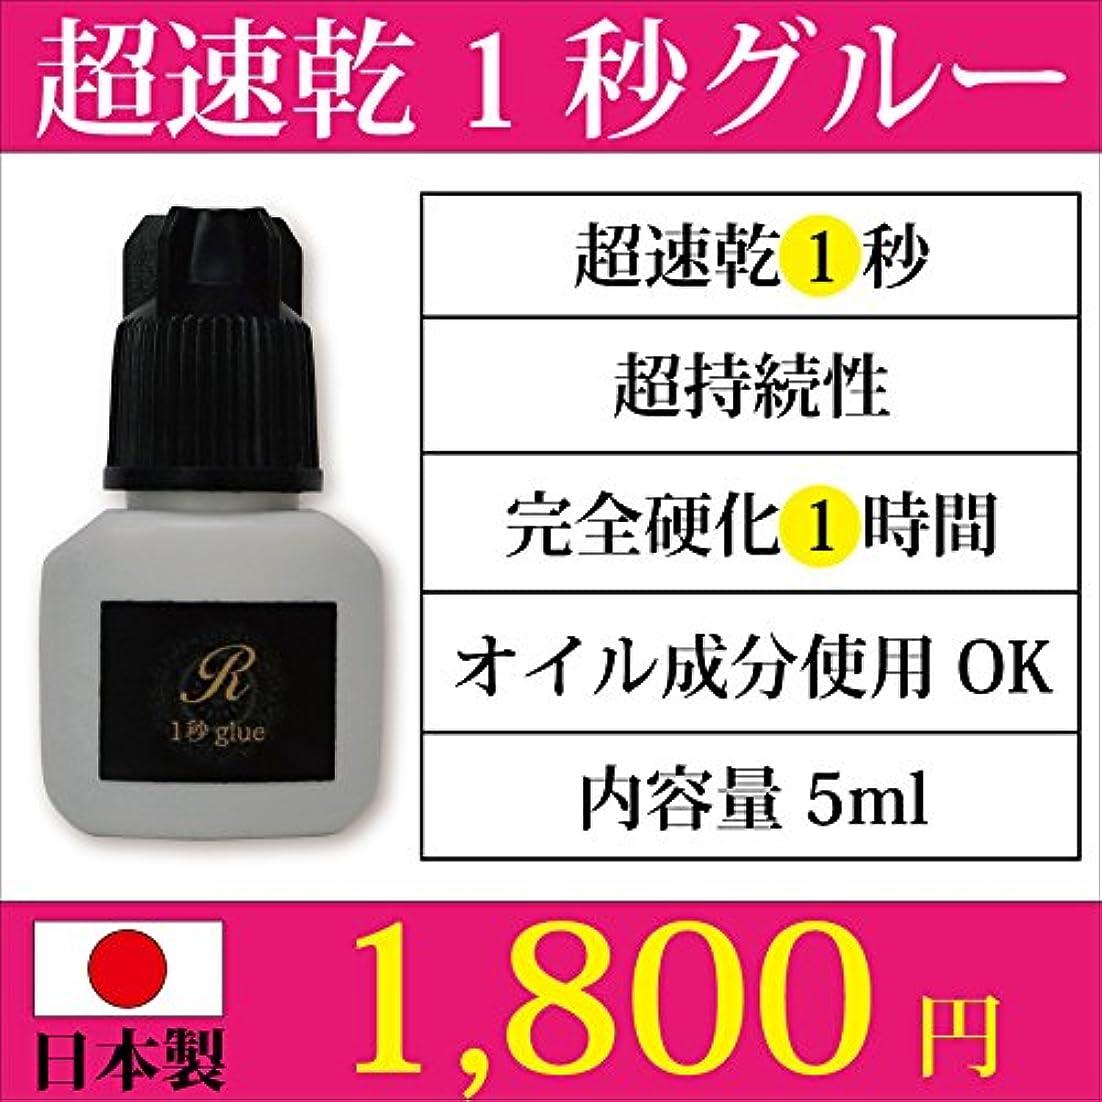 つらい展望台職人日本製まつげエクステ超吸着1秒グルー 5ml【超速乾】【まつげエクステ】